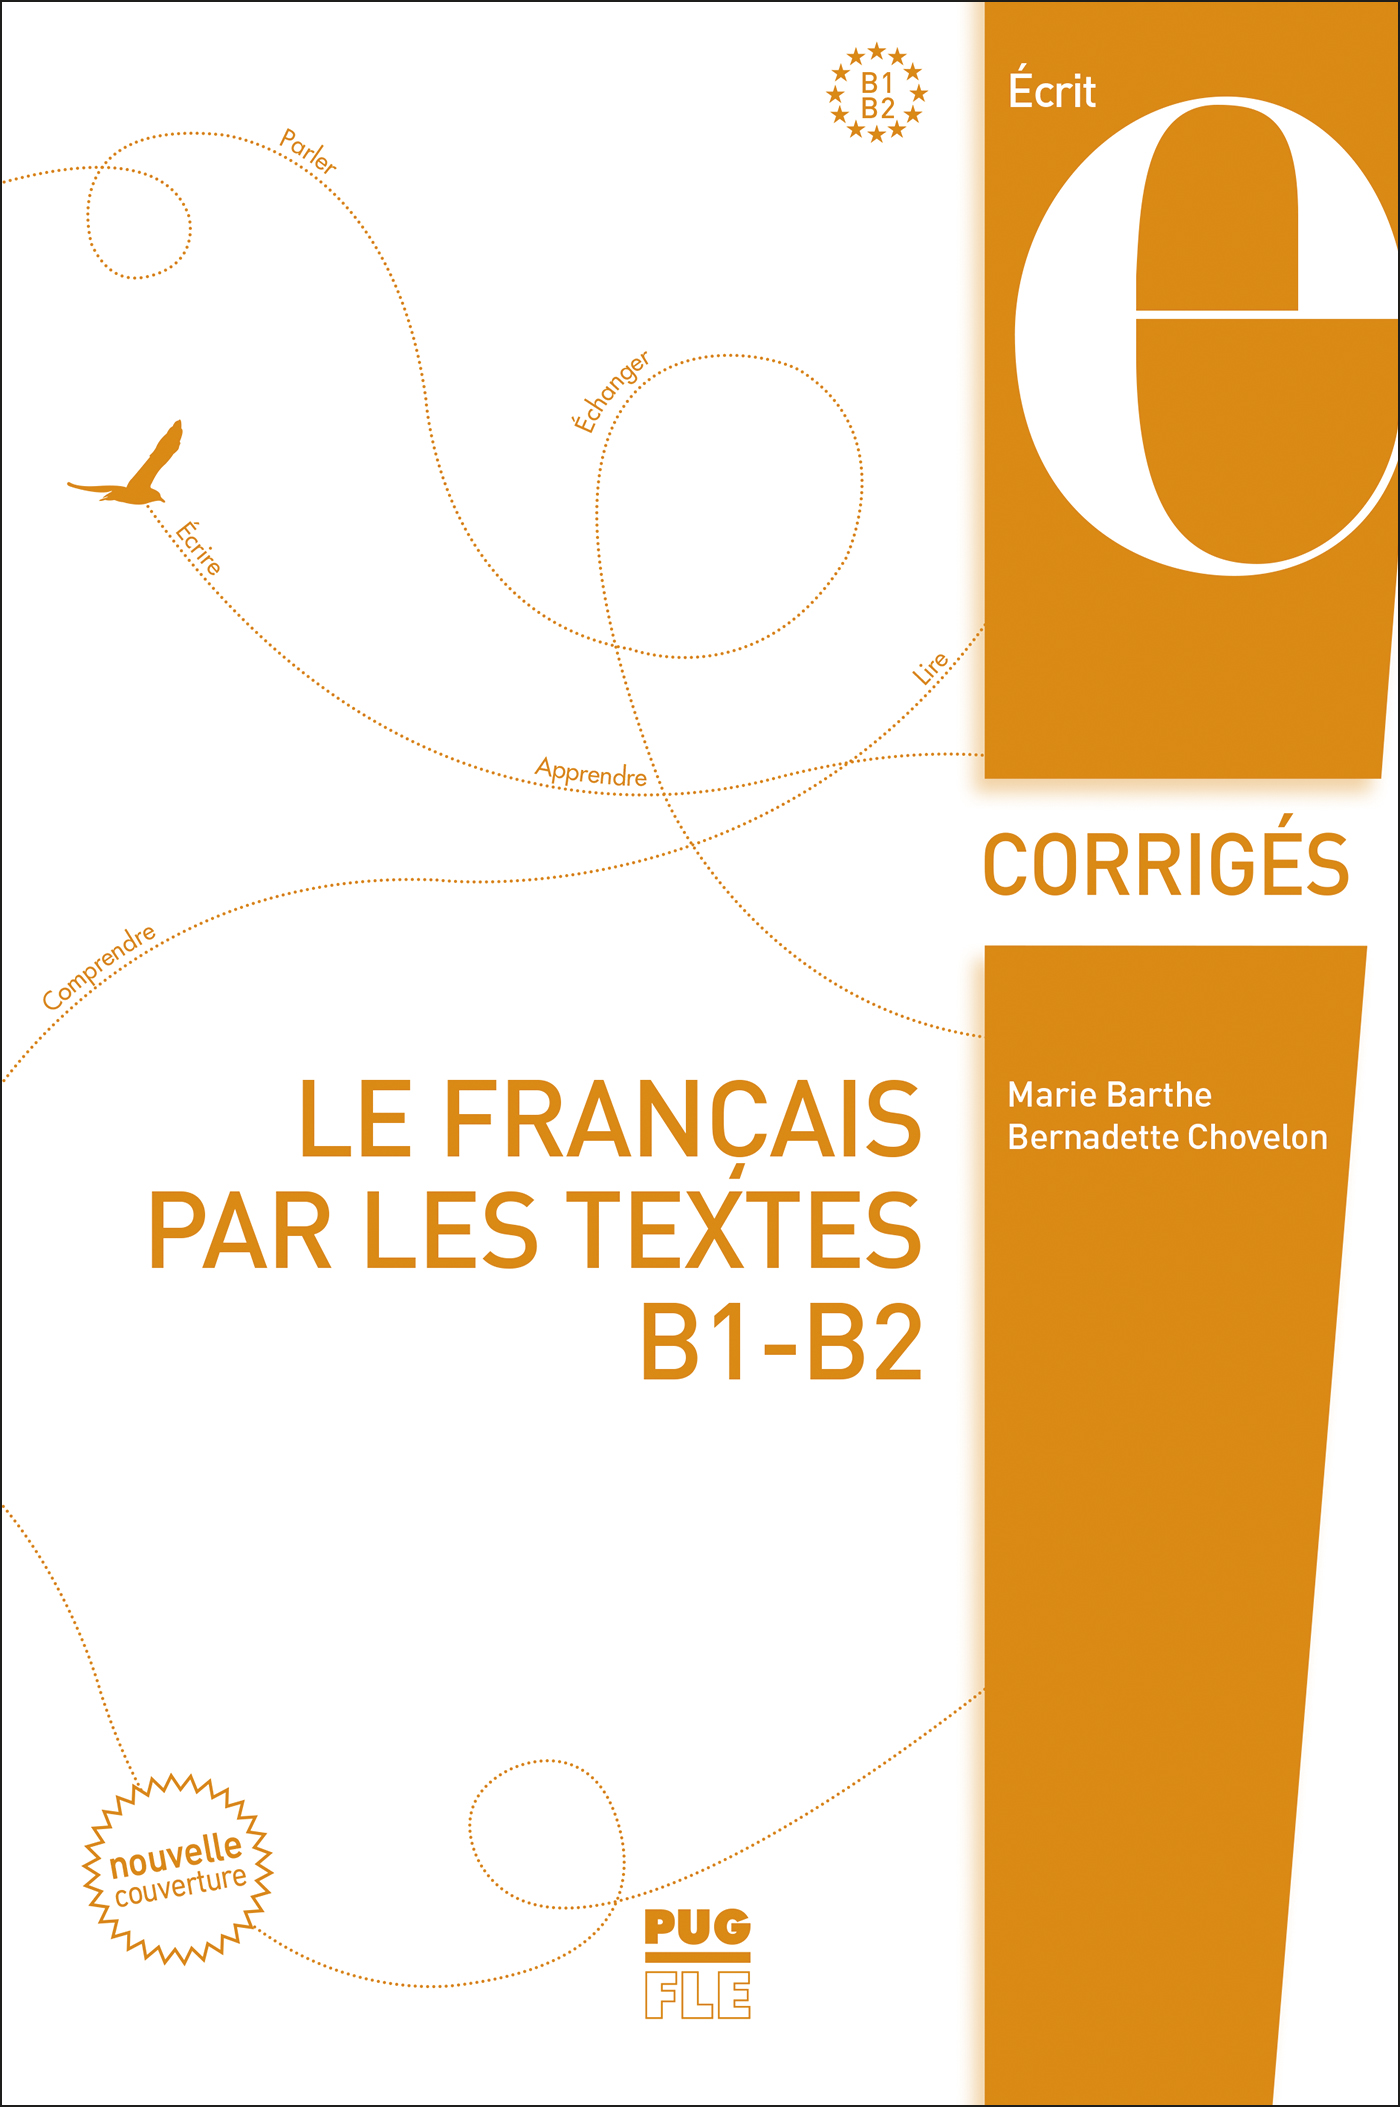 Le Francais Par Les Textes B1 B2 Corriges Corriges Des Exercices Marie Barthe Bernadette Chovelon Ean13 9782706117312 Pug Livres Papiers Et Numeriques En Ligne